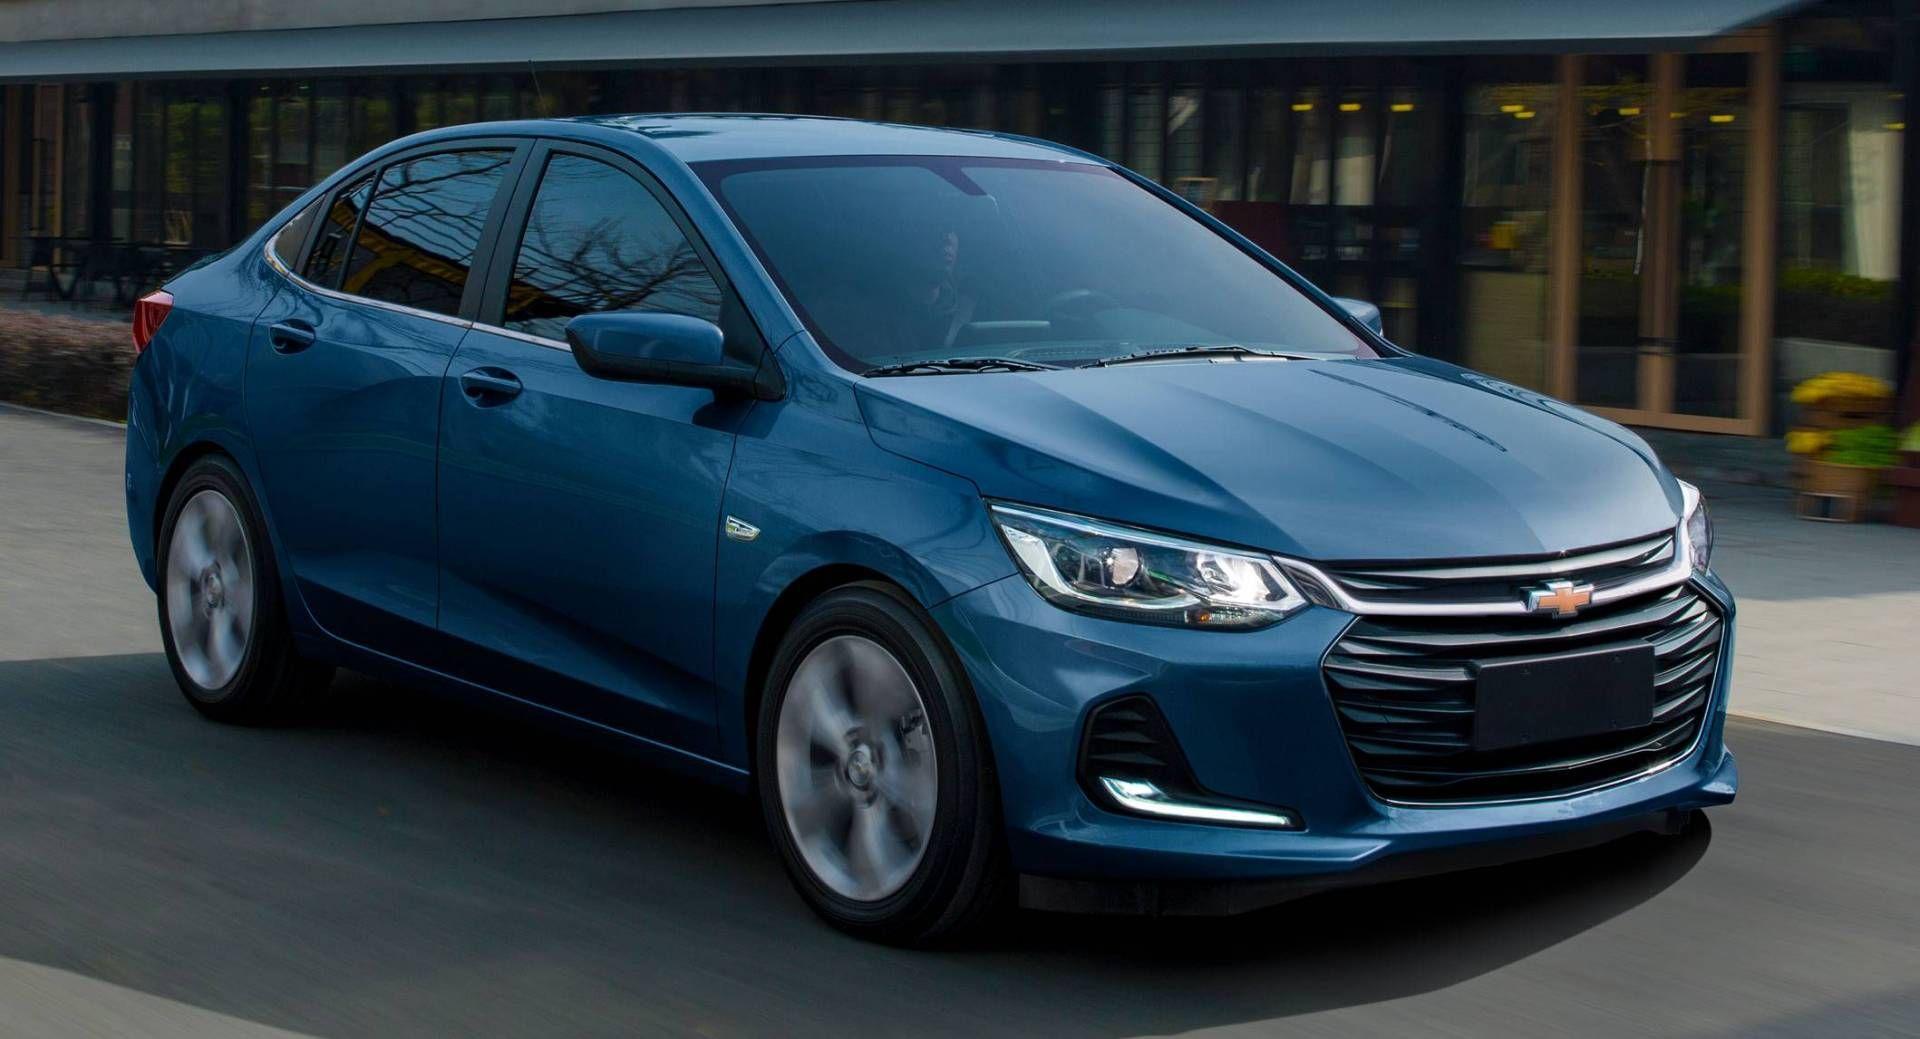 Chevrolet Wird 2020 Onix Limousine In Mexiko Bauen Aber Bringt Es